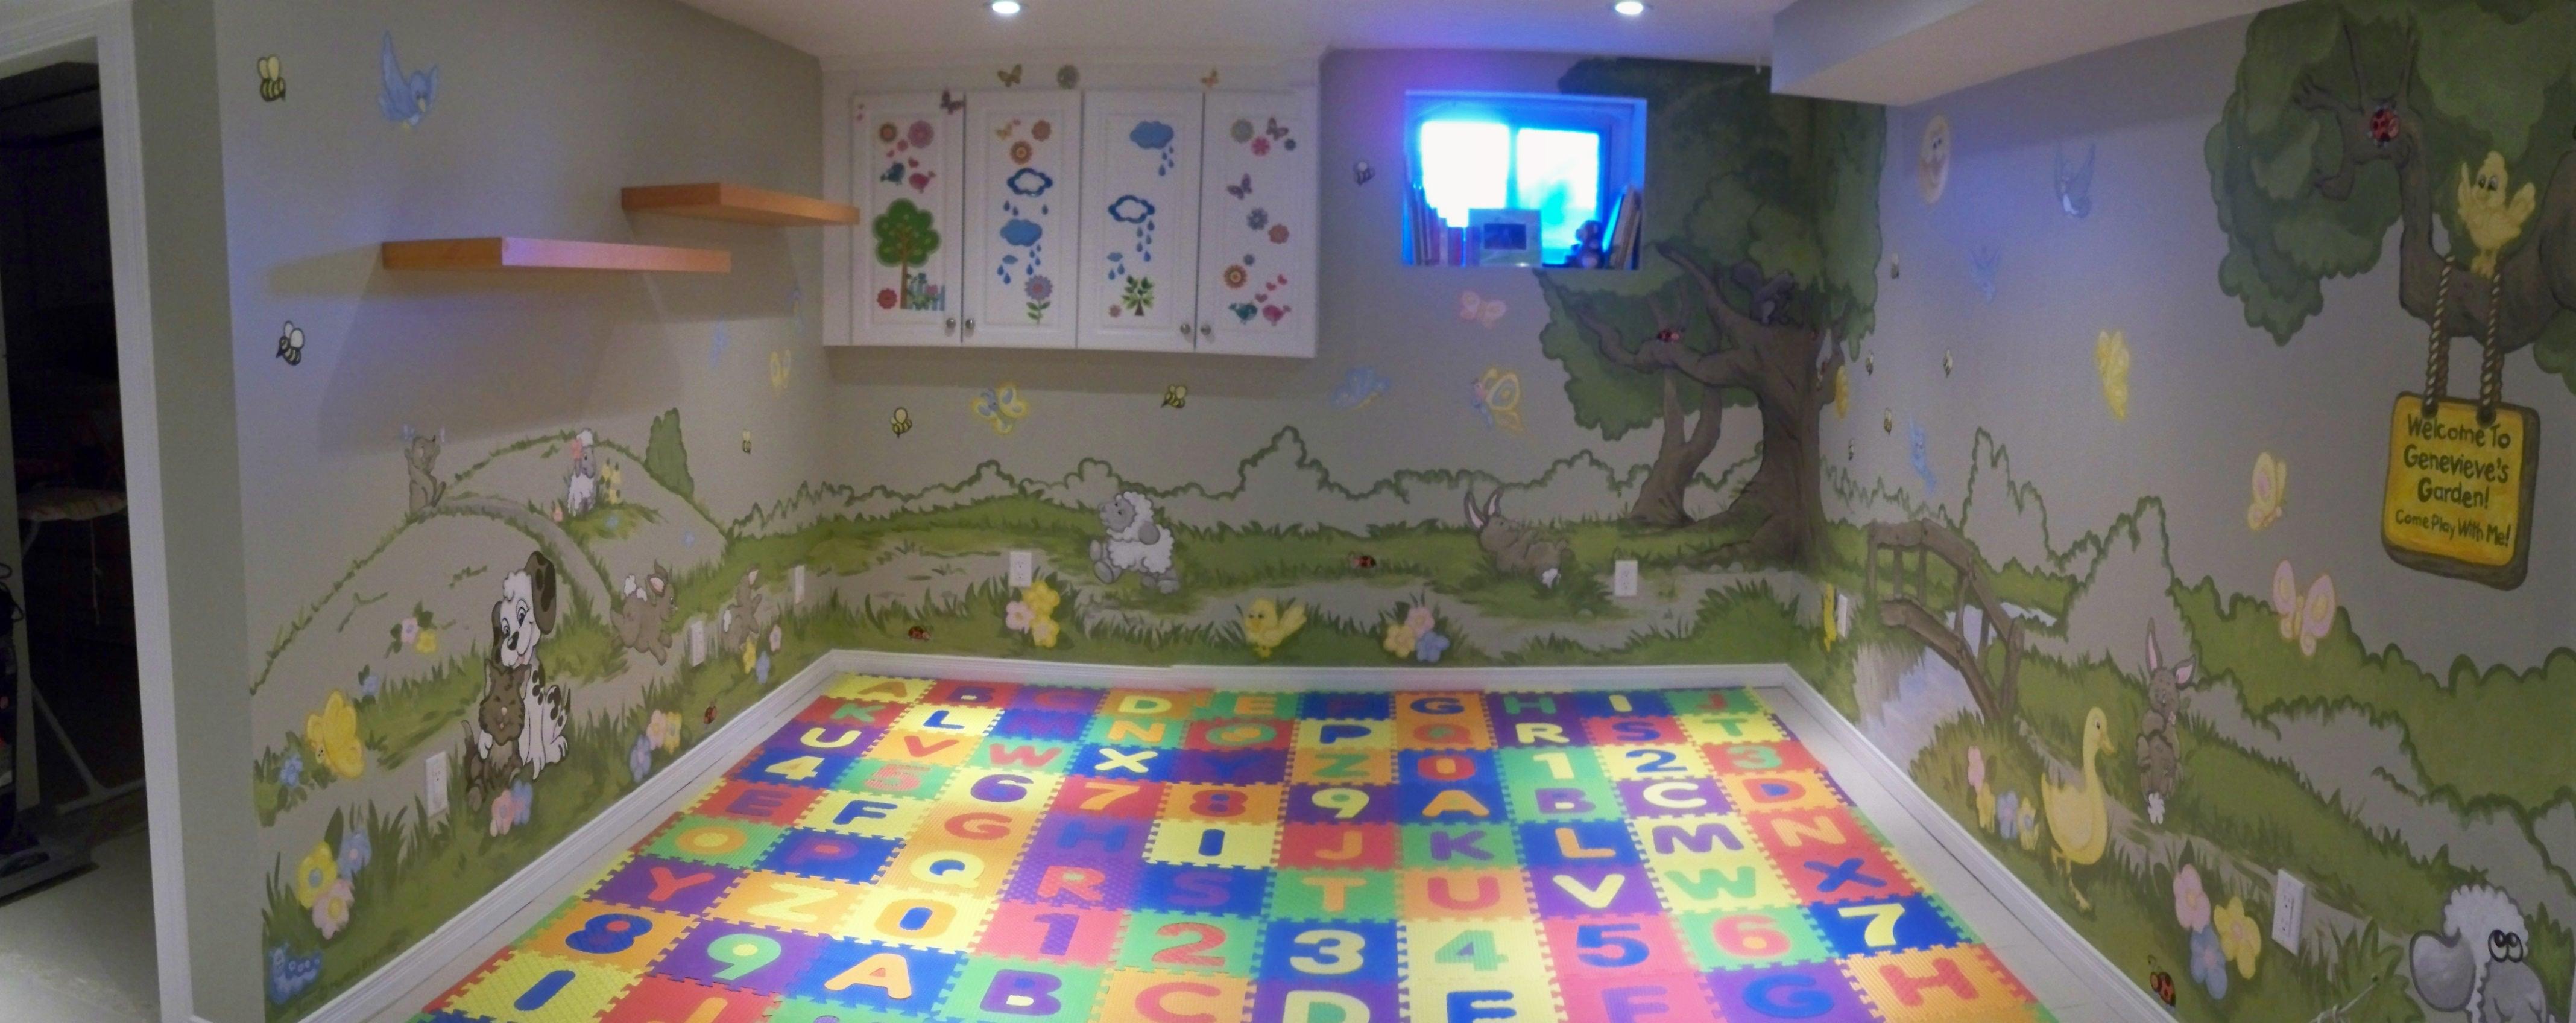 Murals By Marg Genevieve's Playroom Mural 1.JPG